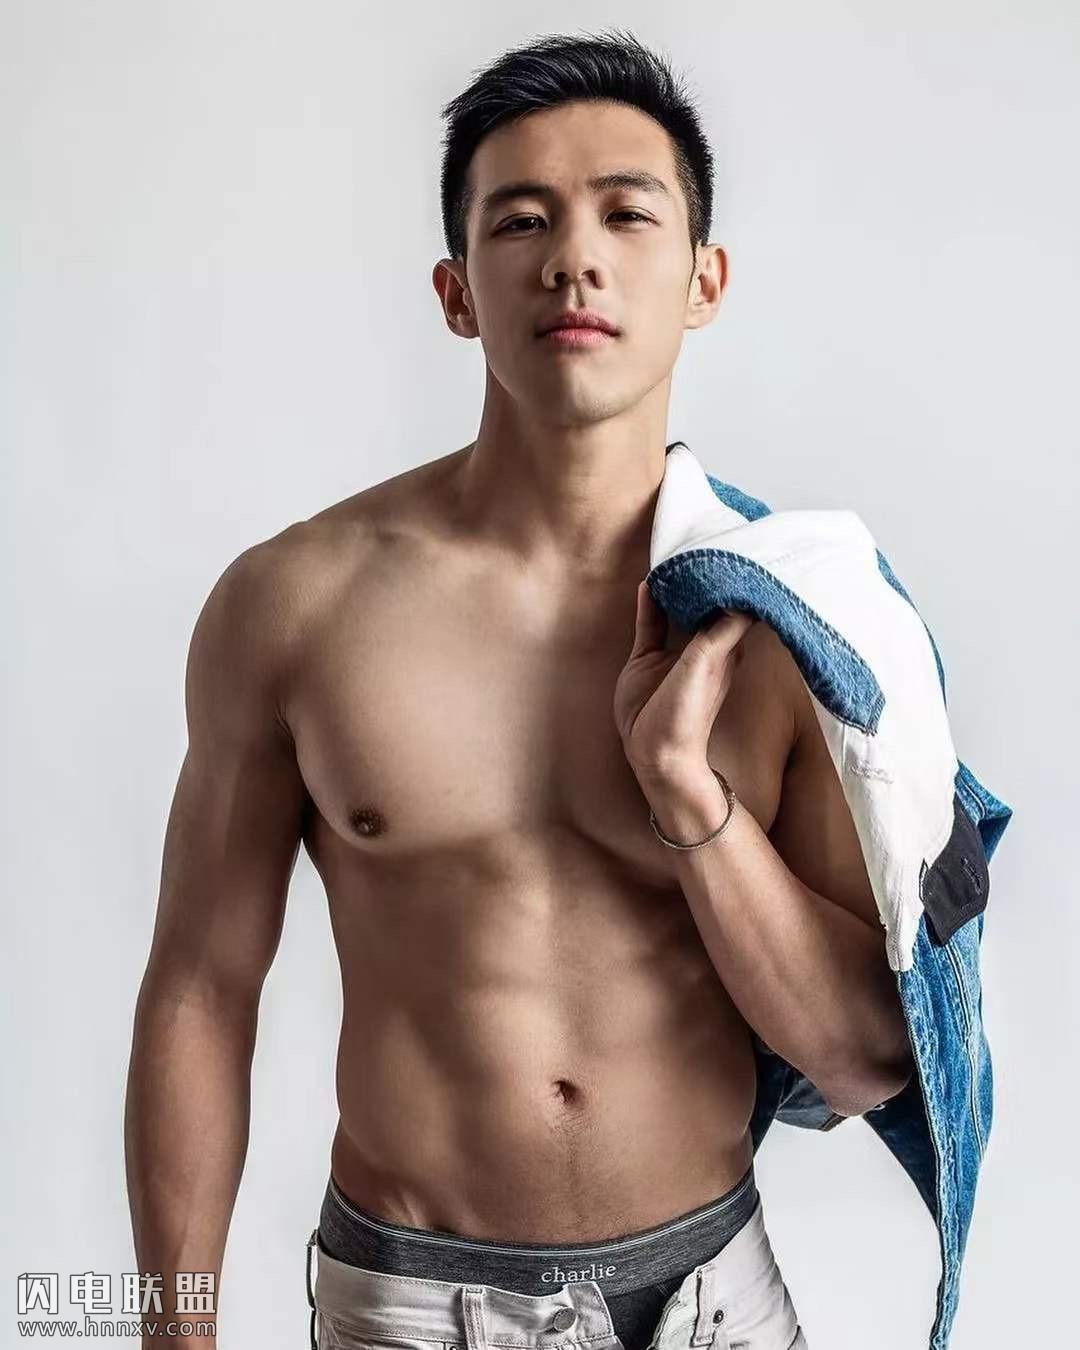 台湾帅哥男医生亚亚生活写真秀肌肉图片